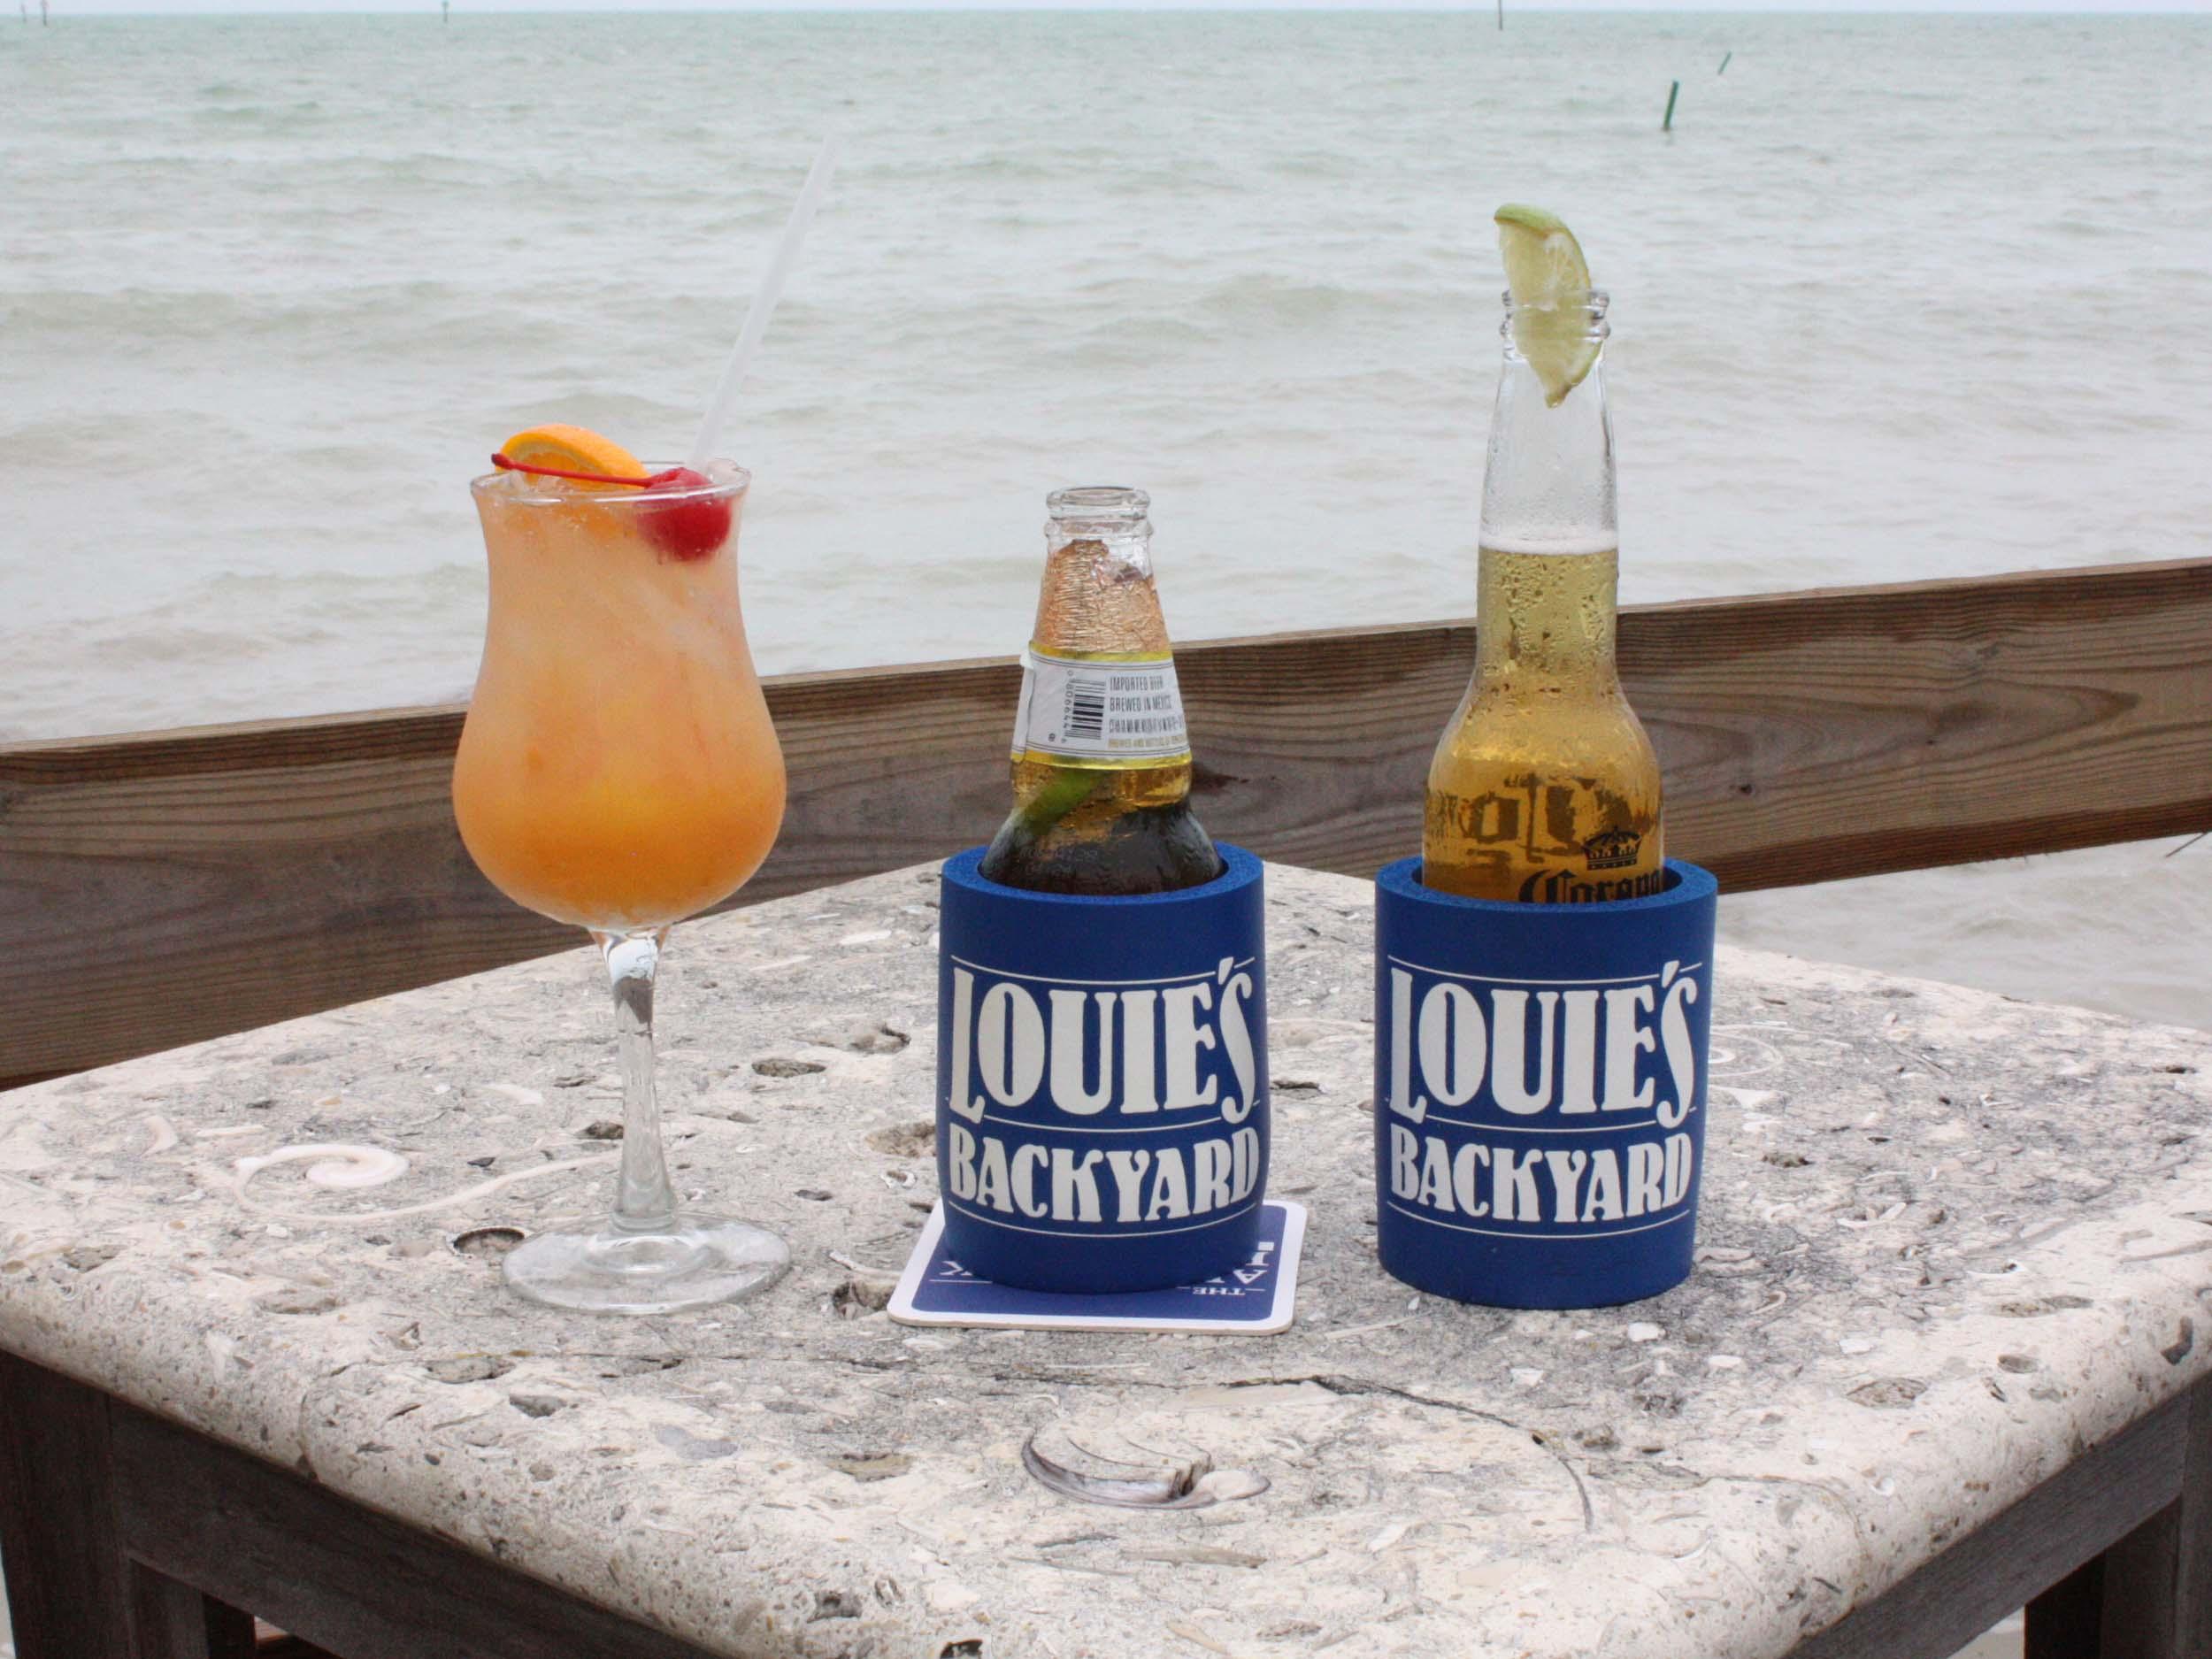 Louie's Backyard Drinks